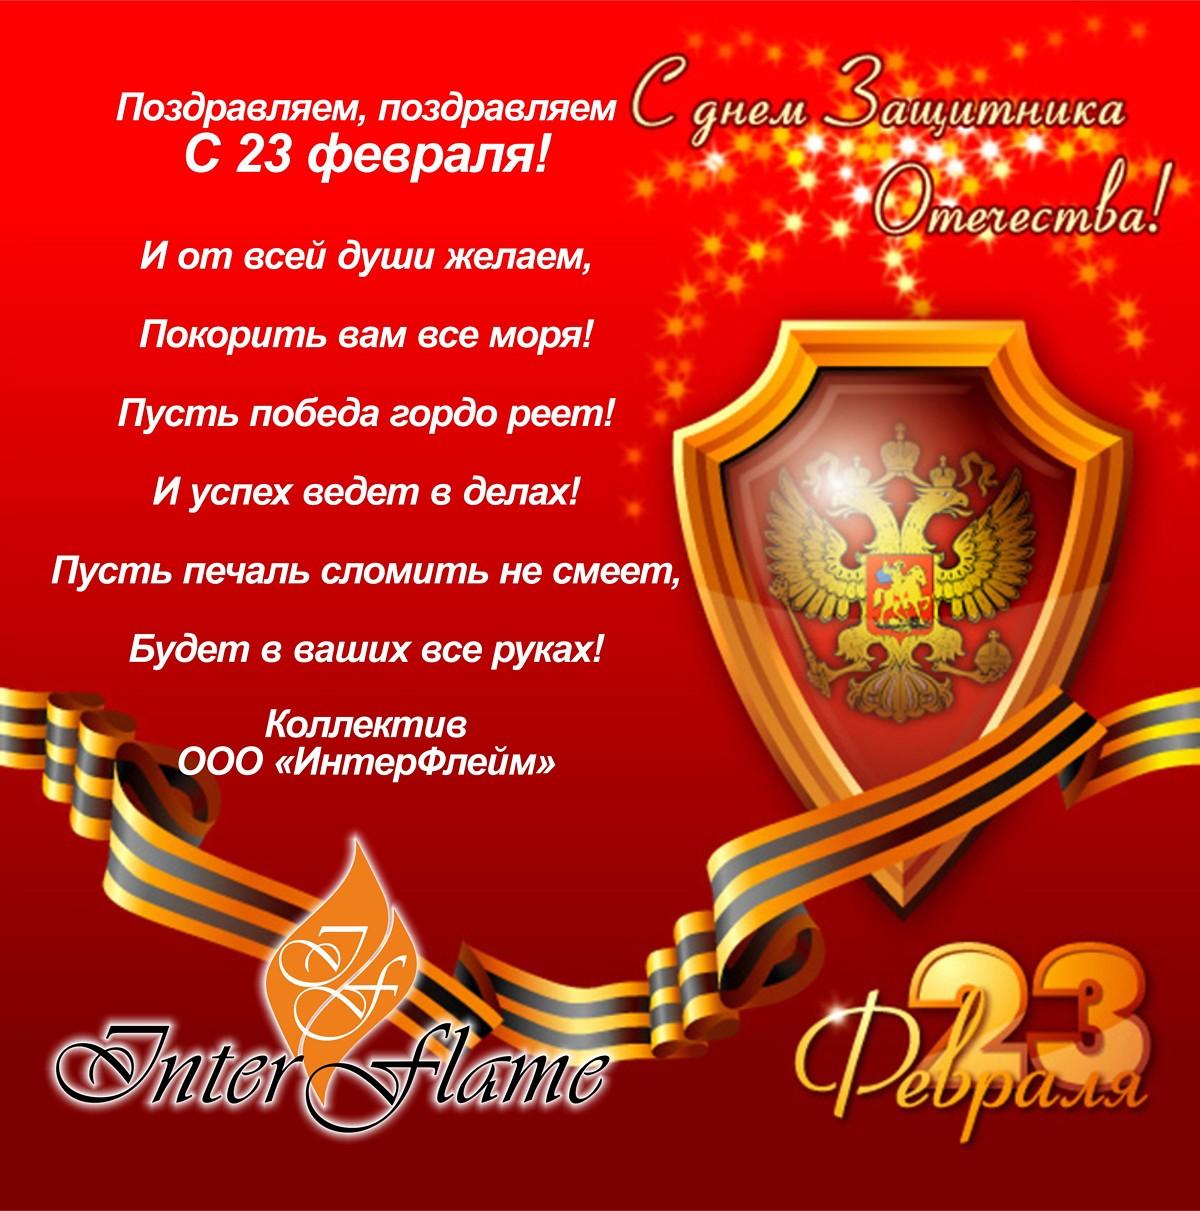 Поздравления с 23 февраля другу 79